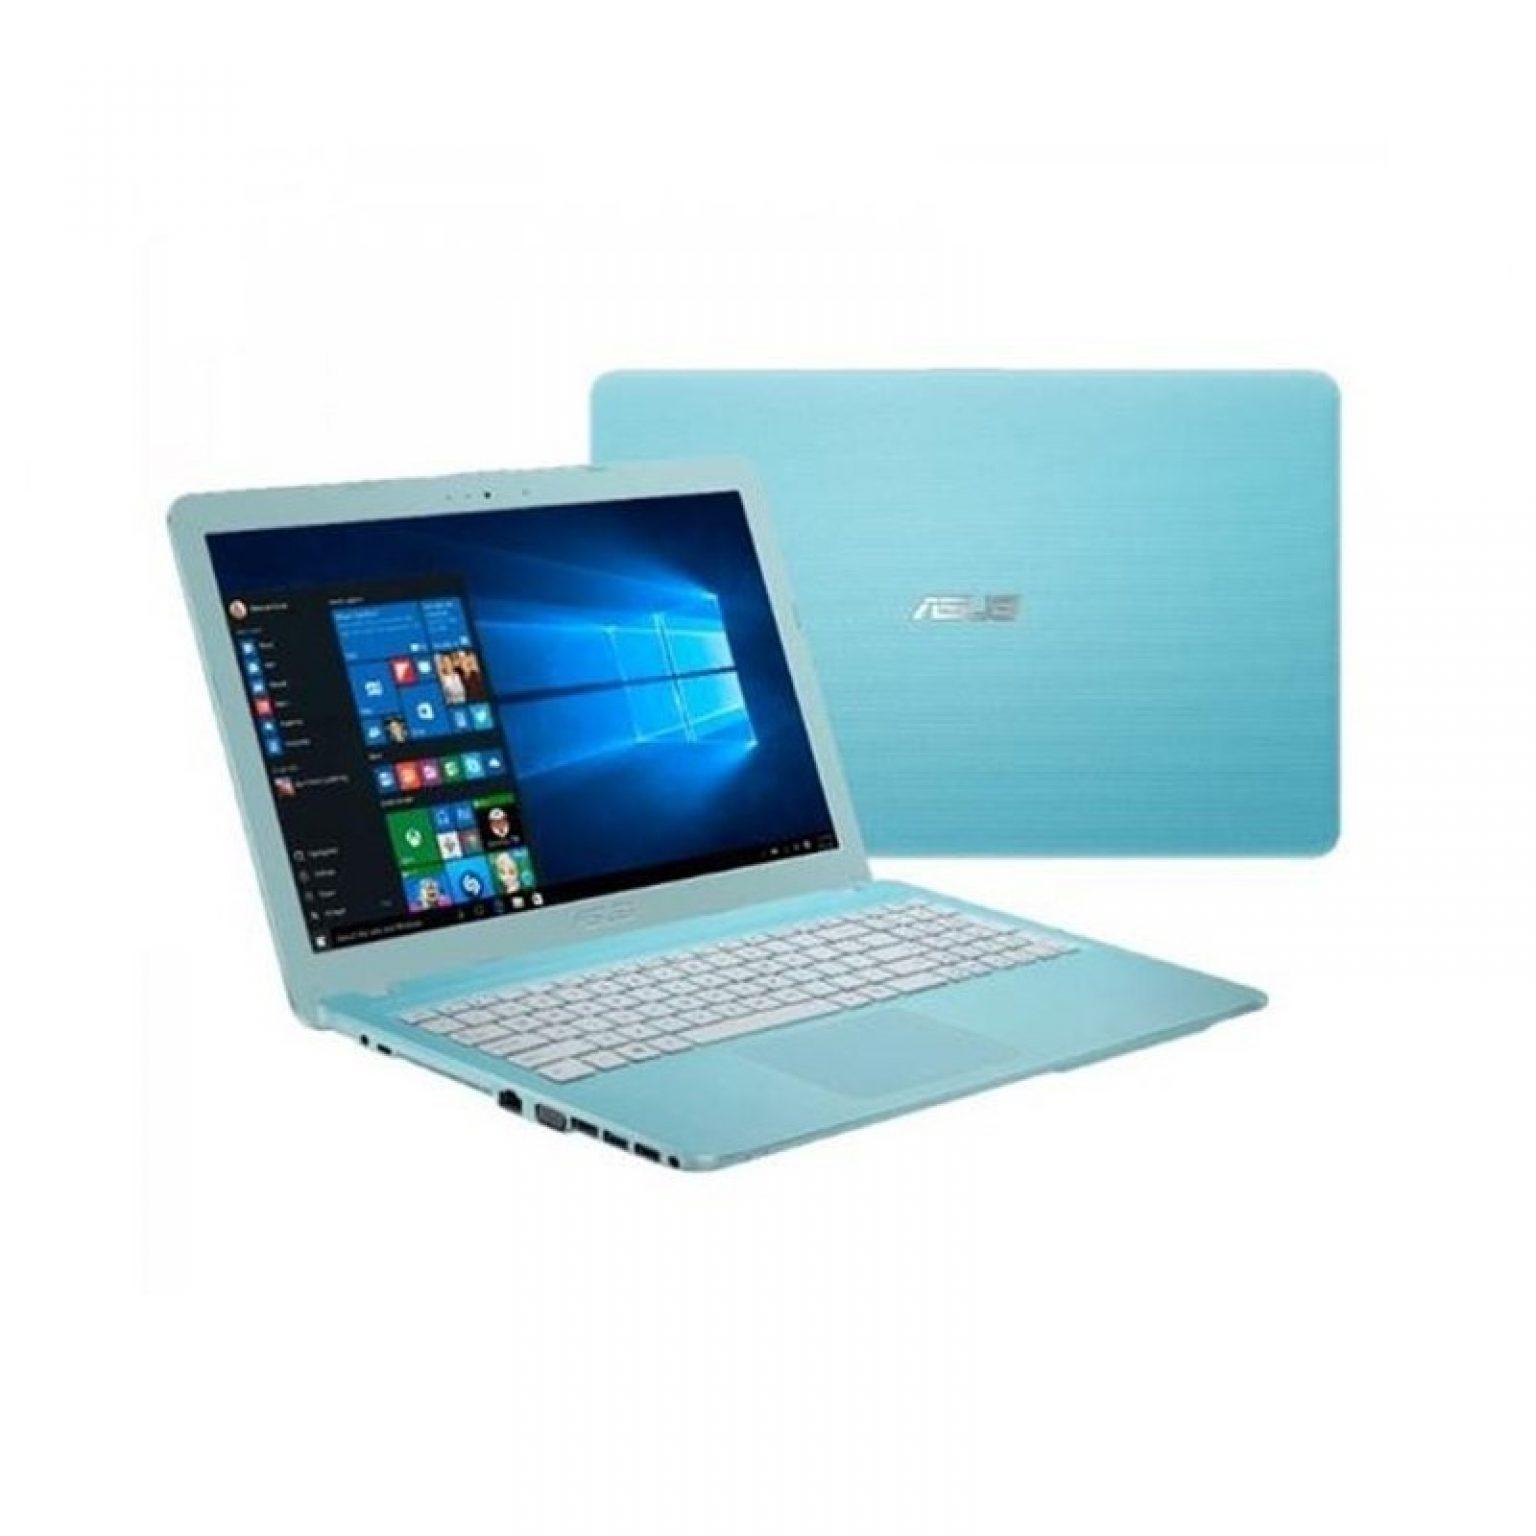 ASUS - X441UA-GA322T (i3-7020U/4GB RAM/1TB HDD/14inch/Win10SL/Ice Blue)